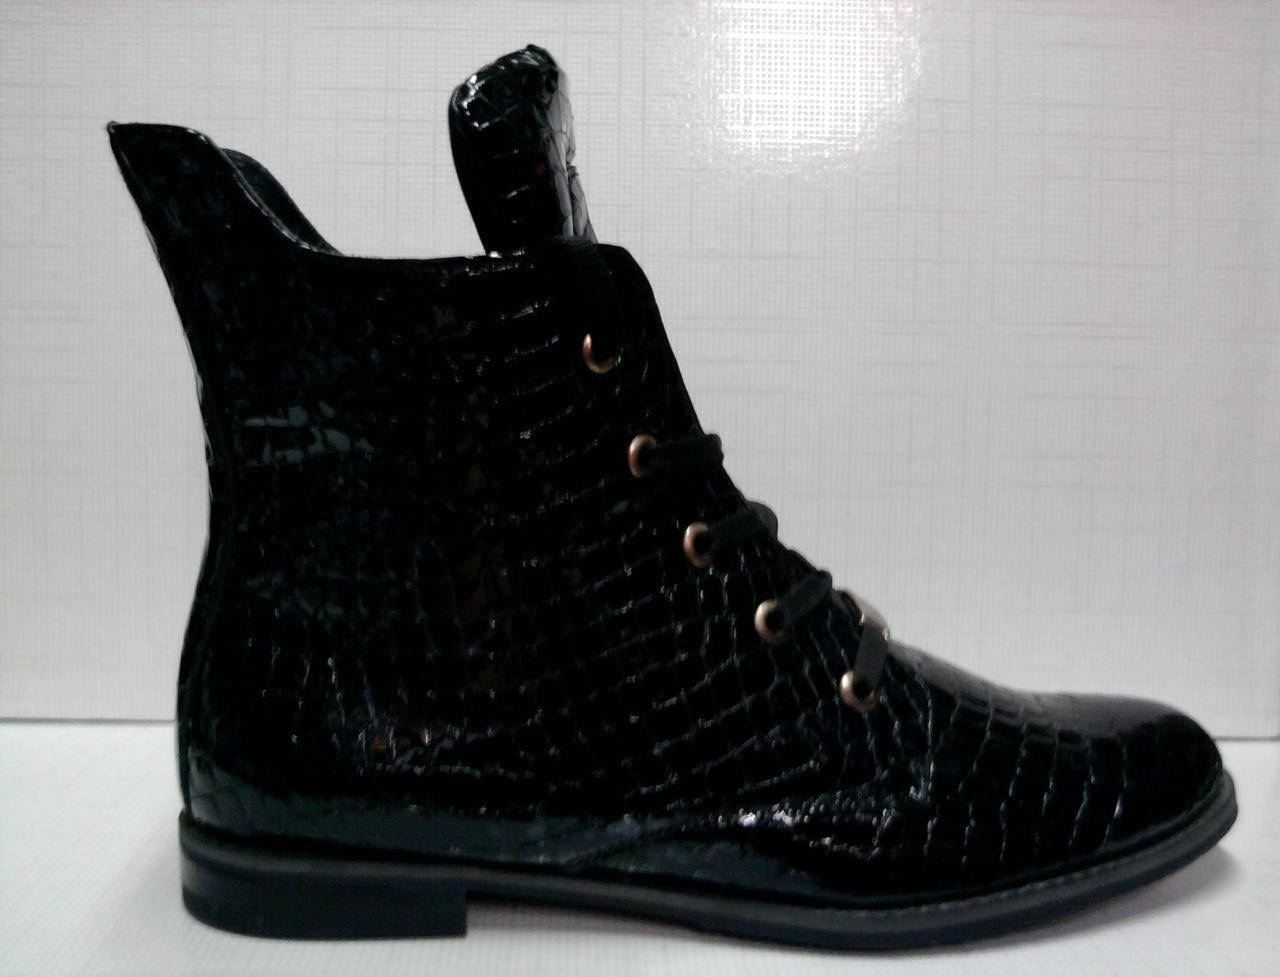 bb25b4db6606 Ботинки женские Grossi черные. Кожа лакированная. 40 p.  продажа ...